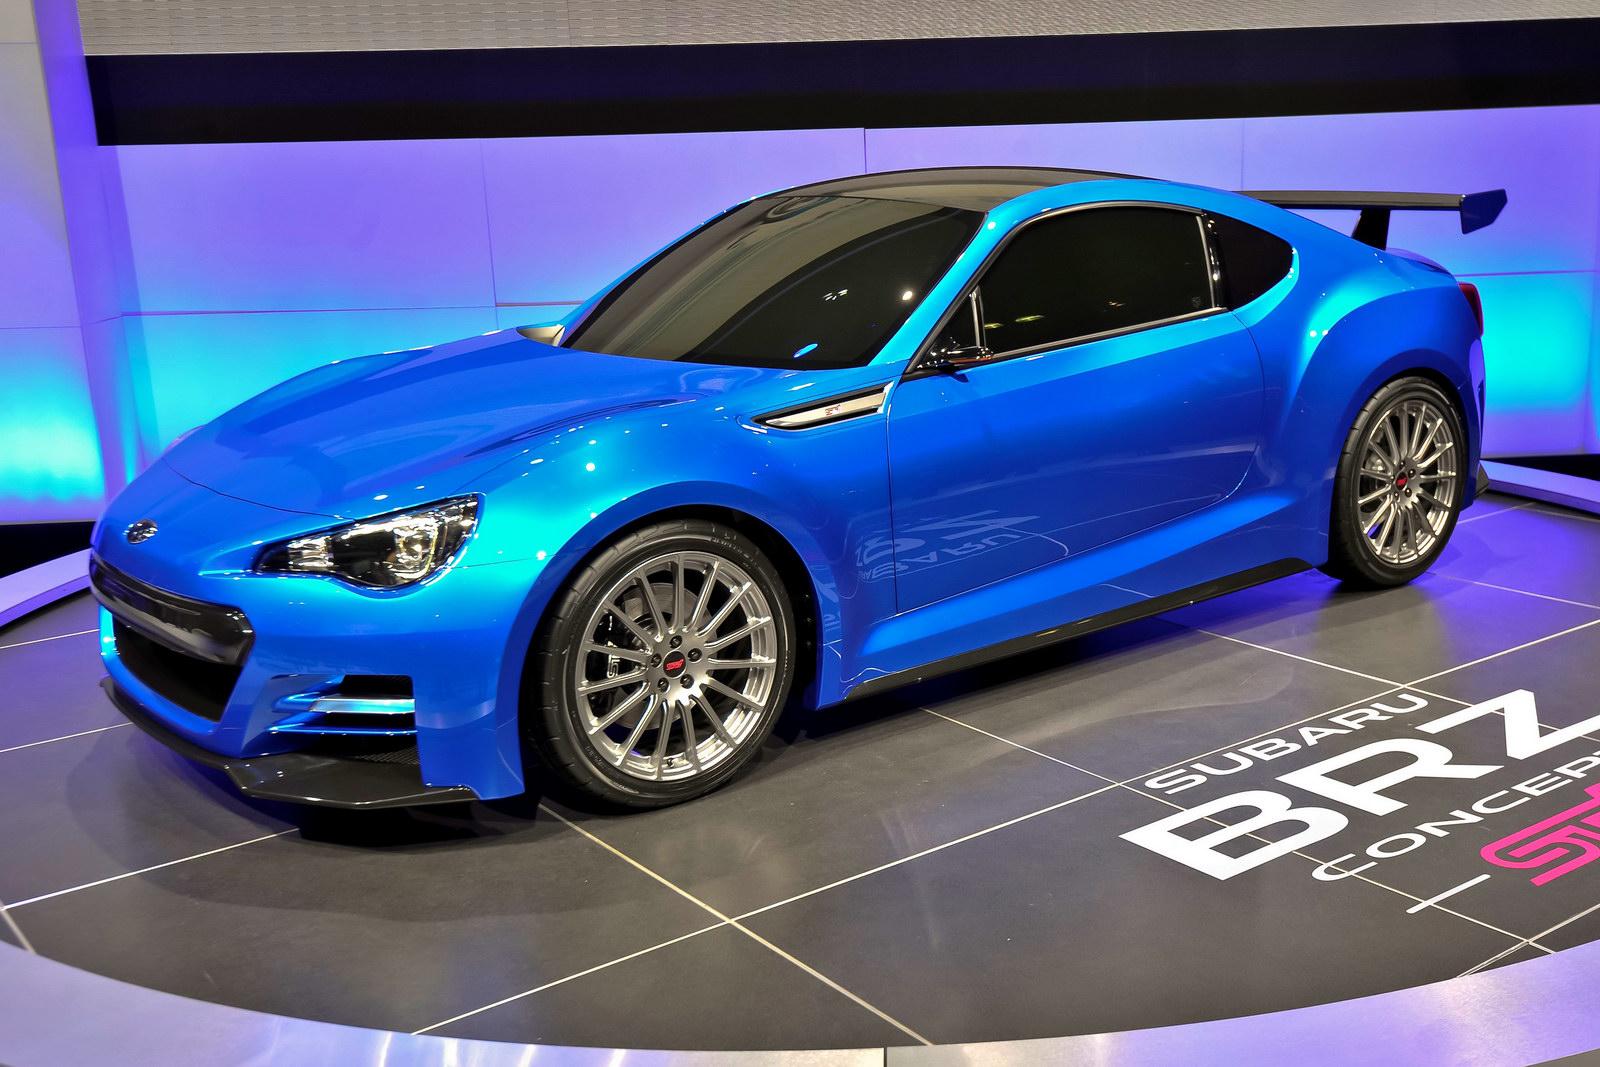 Subaru Brz Sti Concept Side View Turbo Zone